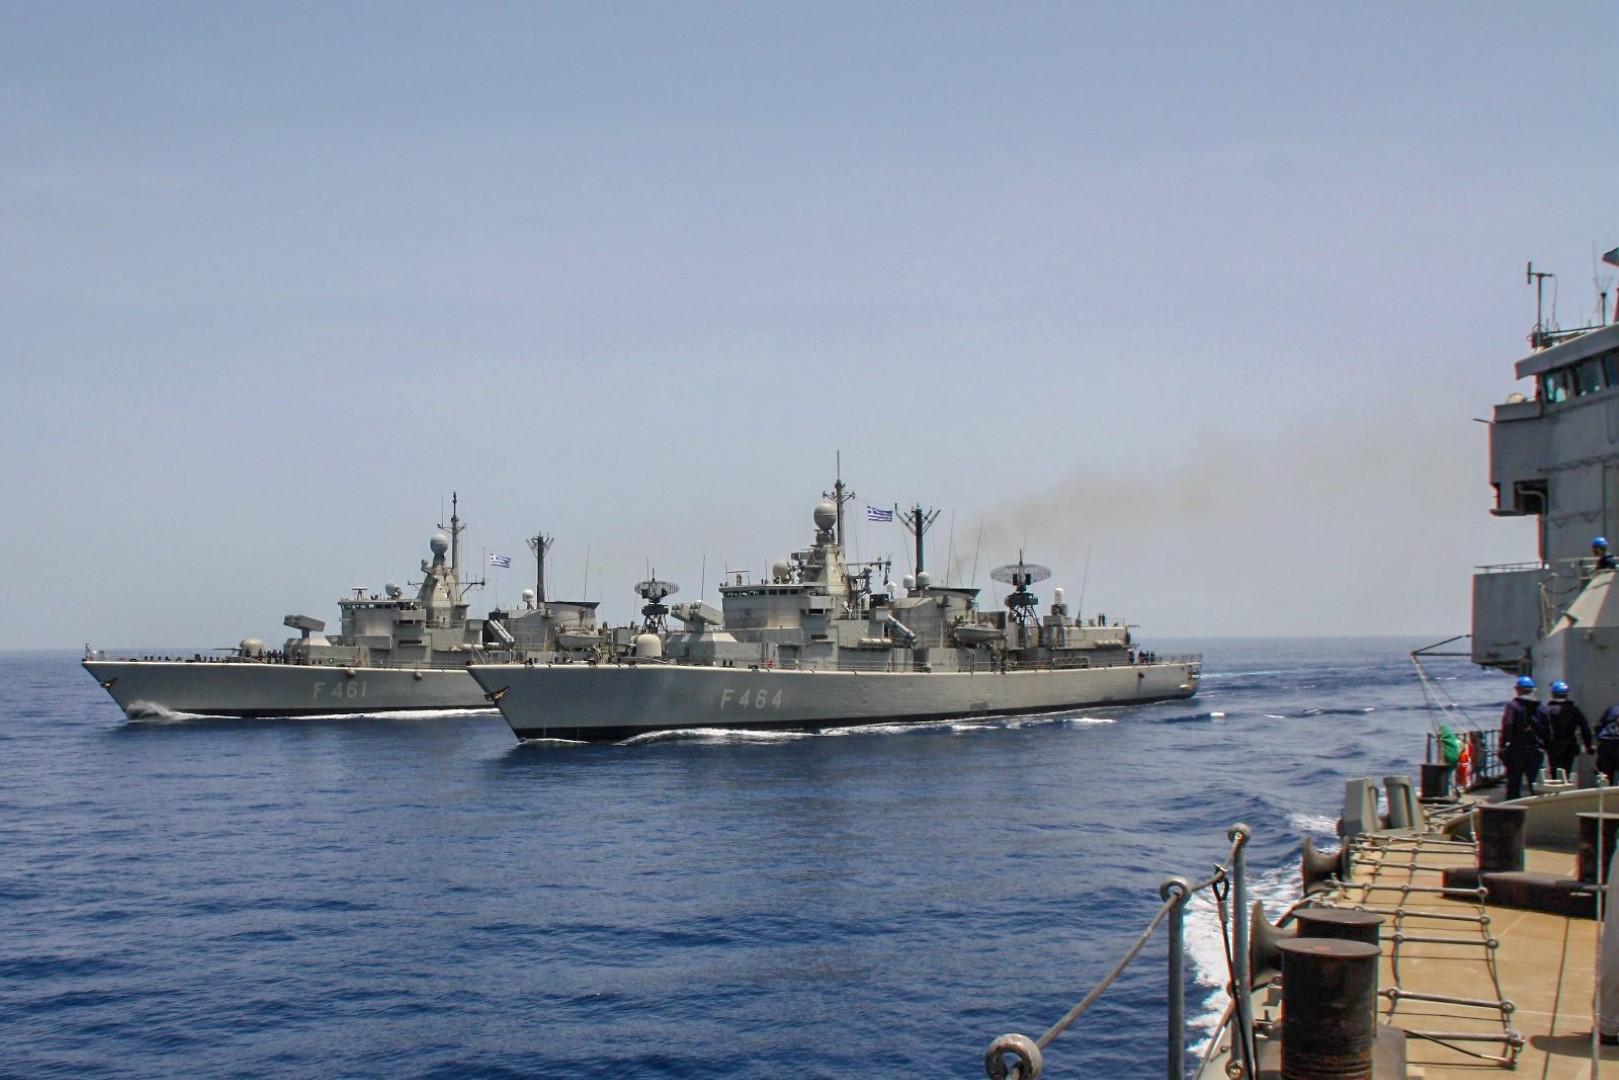 Θράκη – Αιγαίο – Κύπρος: Η γραμμή άμυνας του Ελληνισμού